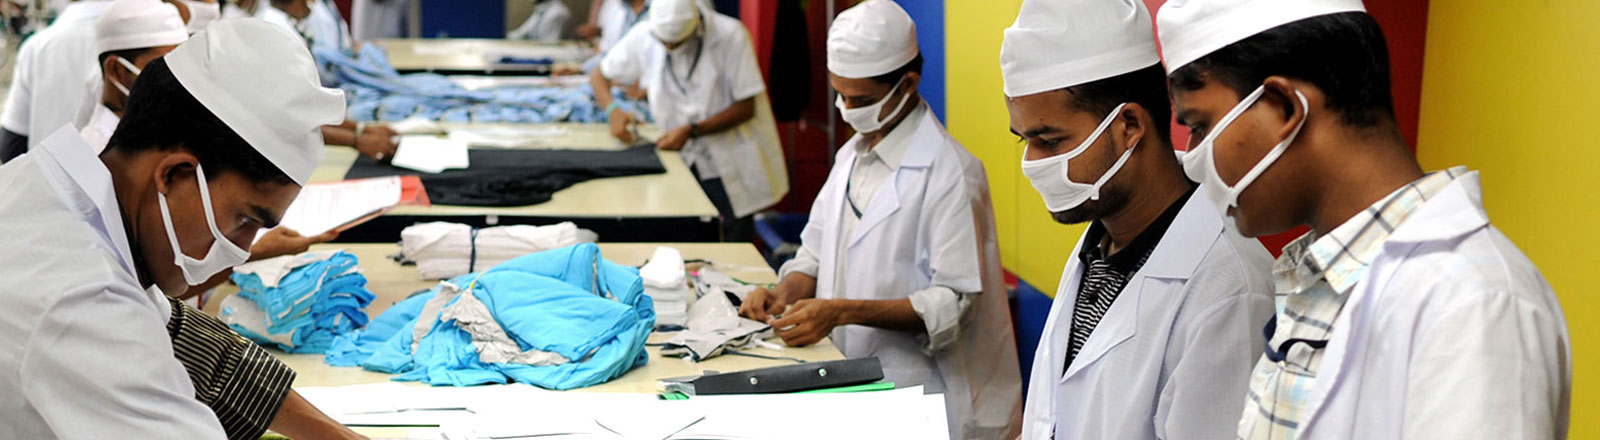 Arbeiter mit Mundschutz bei der Textilbearbeitung in Bangladesh